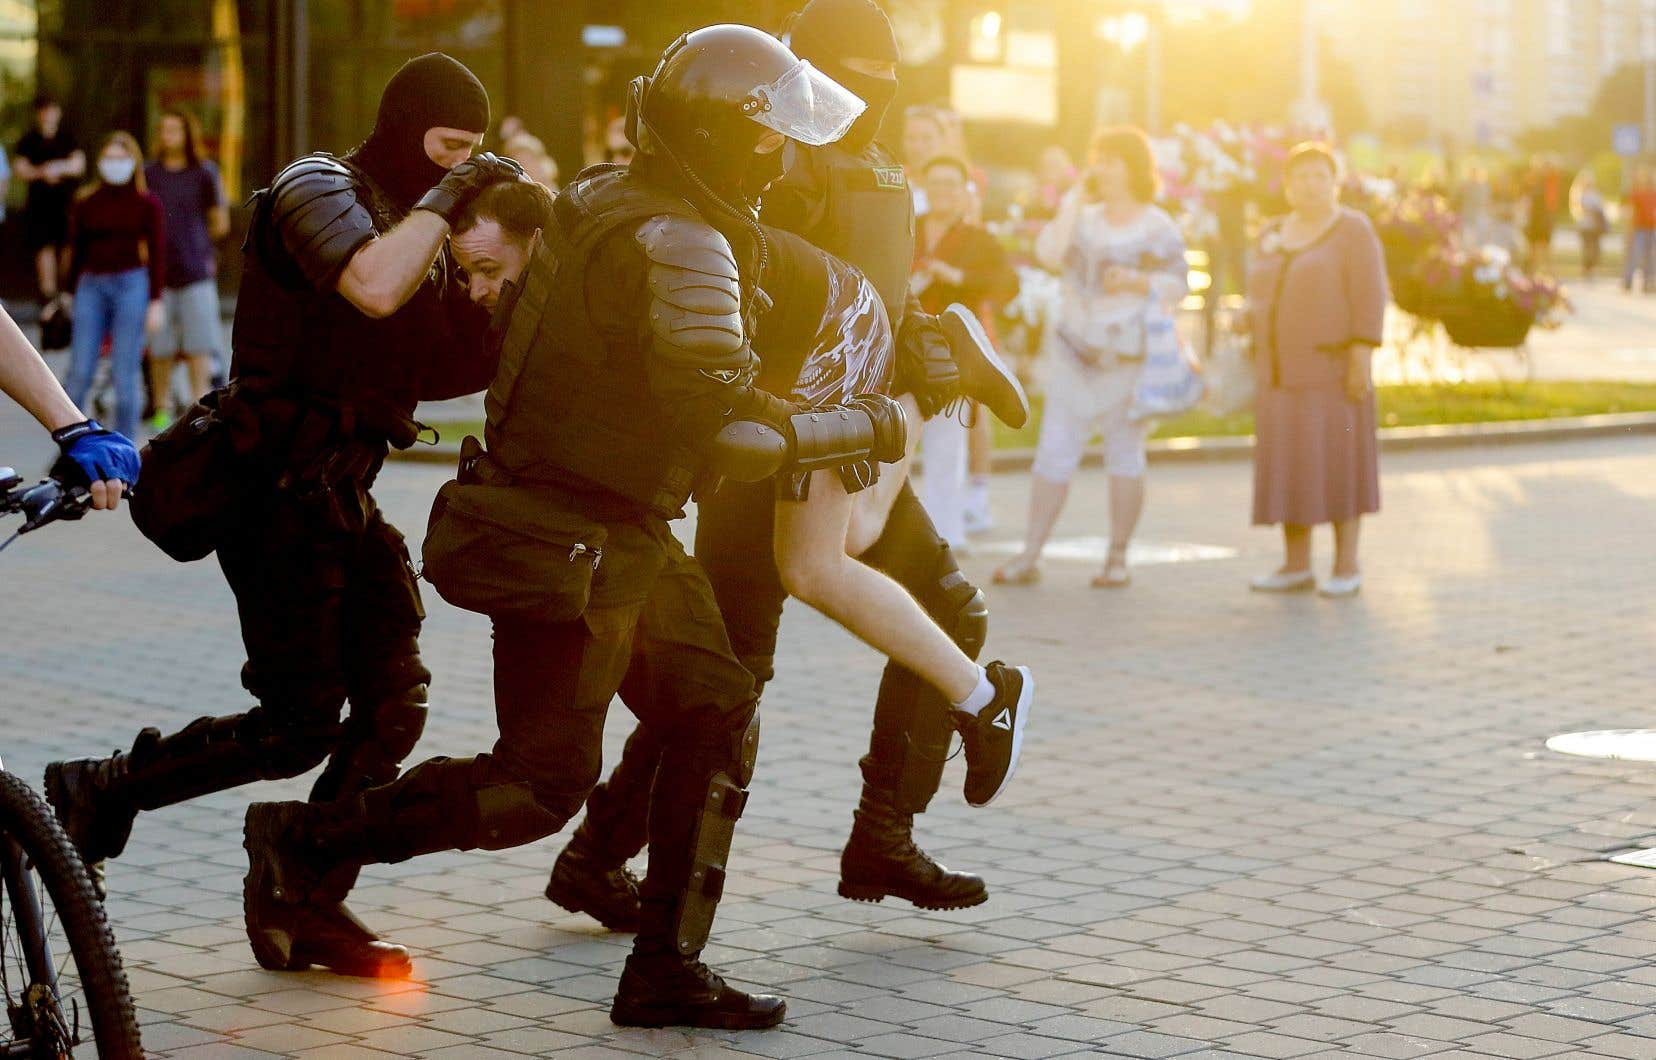 Des policiers anti-émeutes ont arrêté de façon musclée des manifestants présents à Minsk pour une deuxième soirée de suite, lundi, en réaction au scrutin controversé de dimanche.